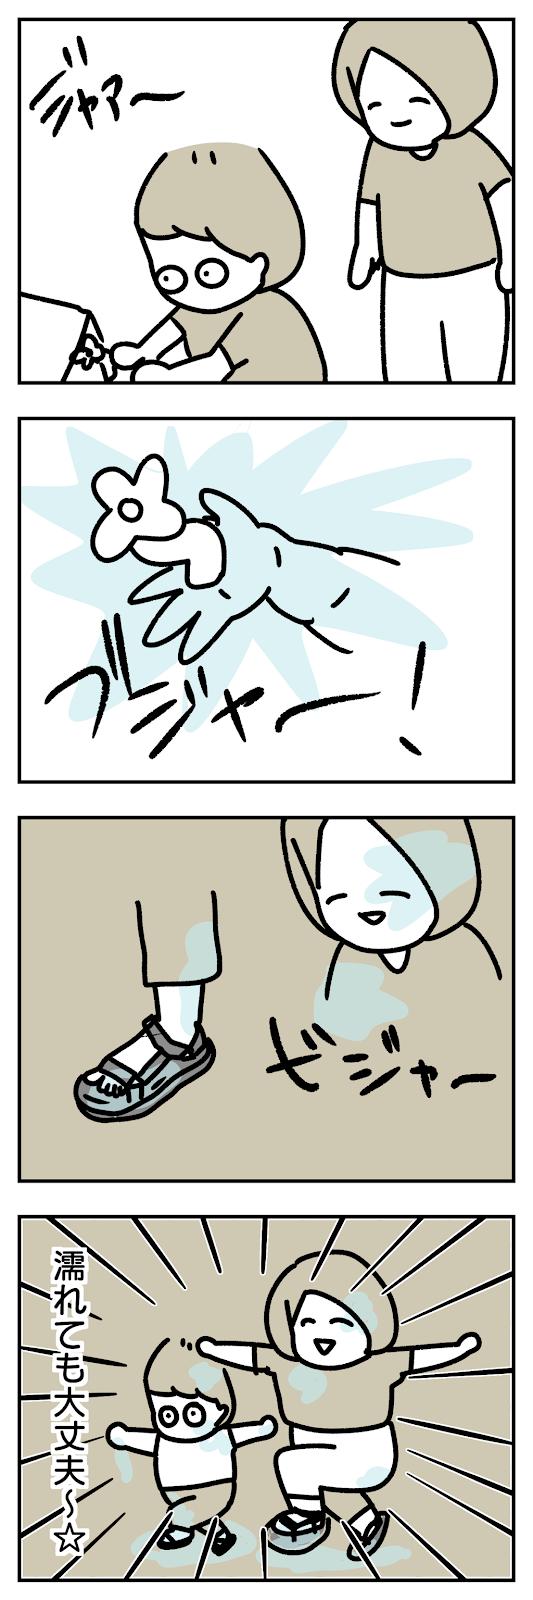 水に濡れてもテバ(teva)サンダルなら大丈夫4コマ漫画